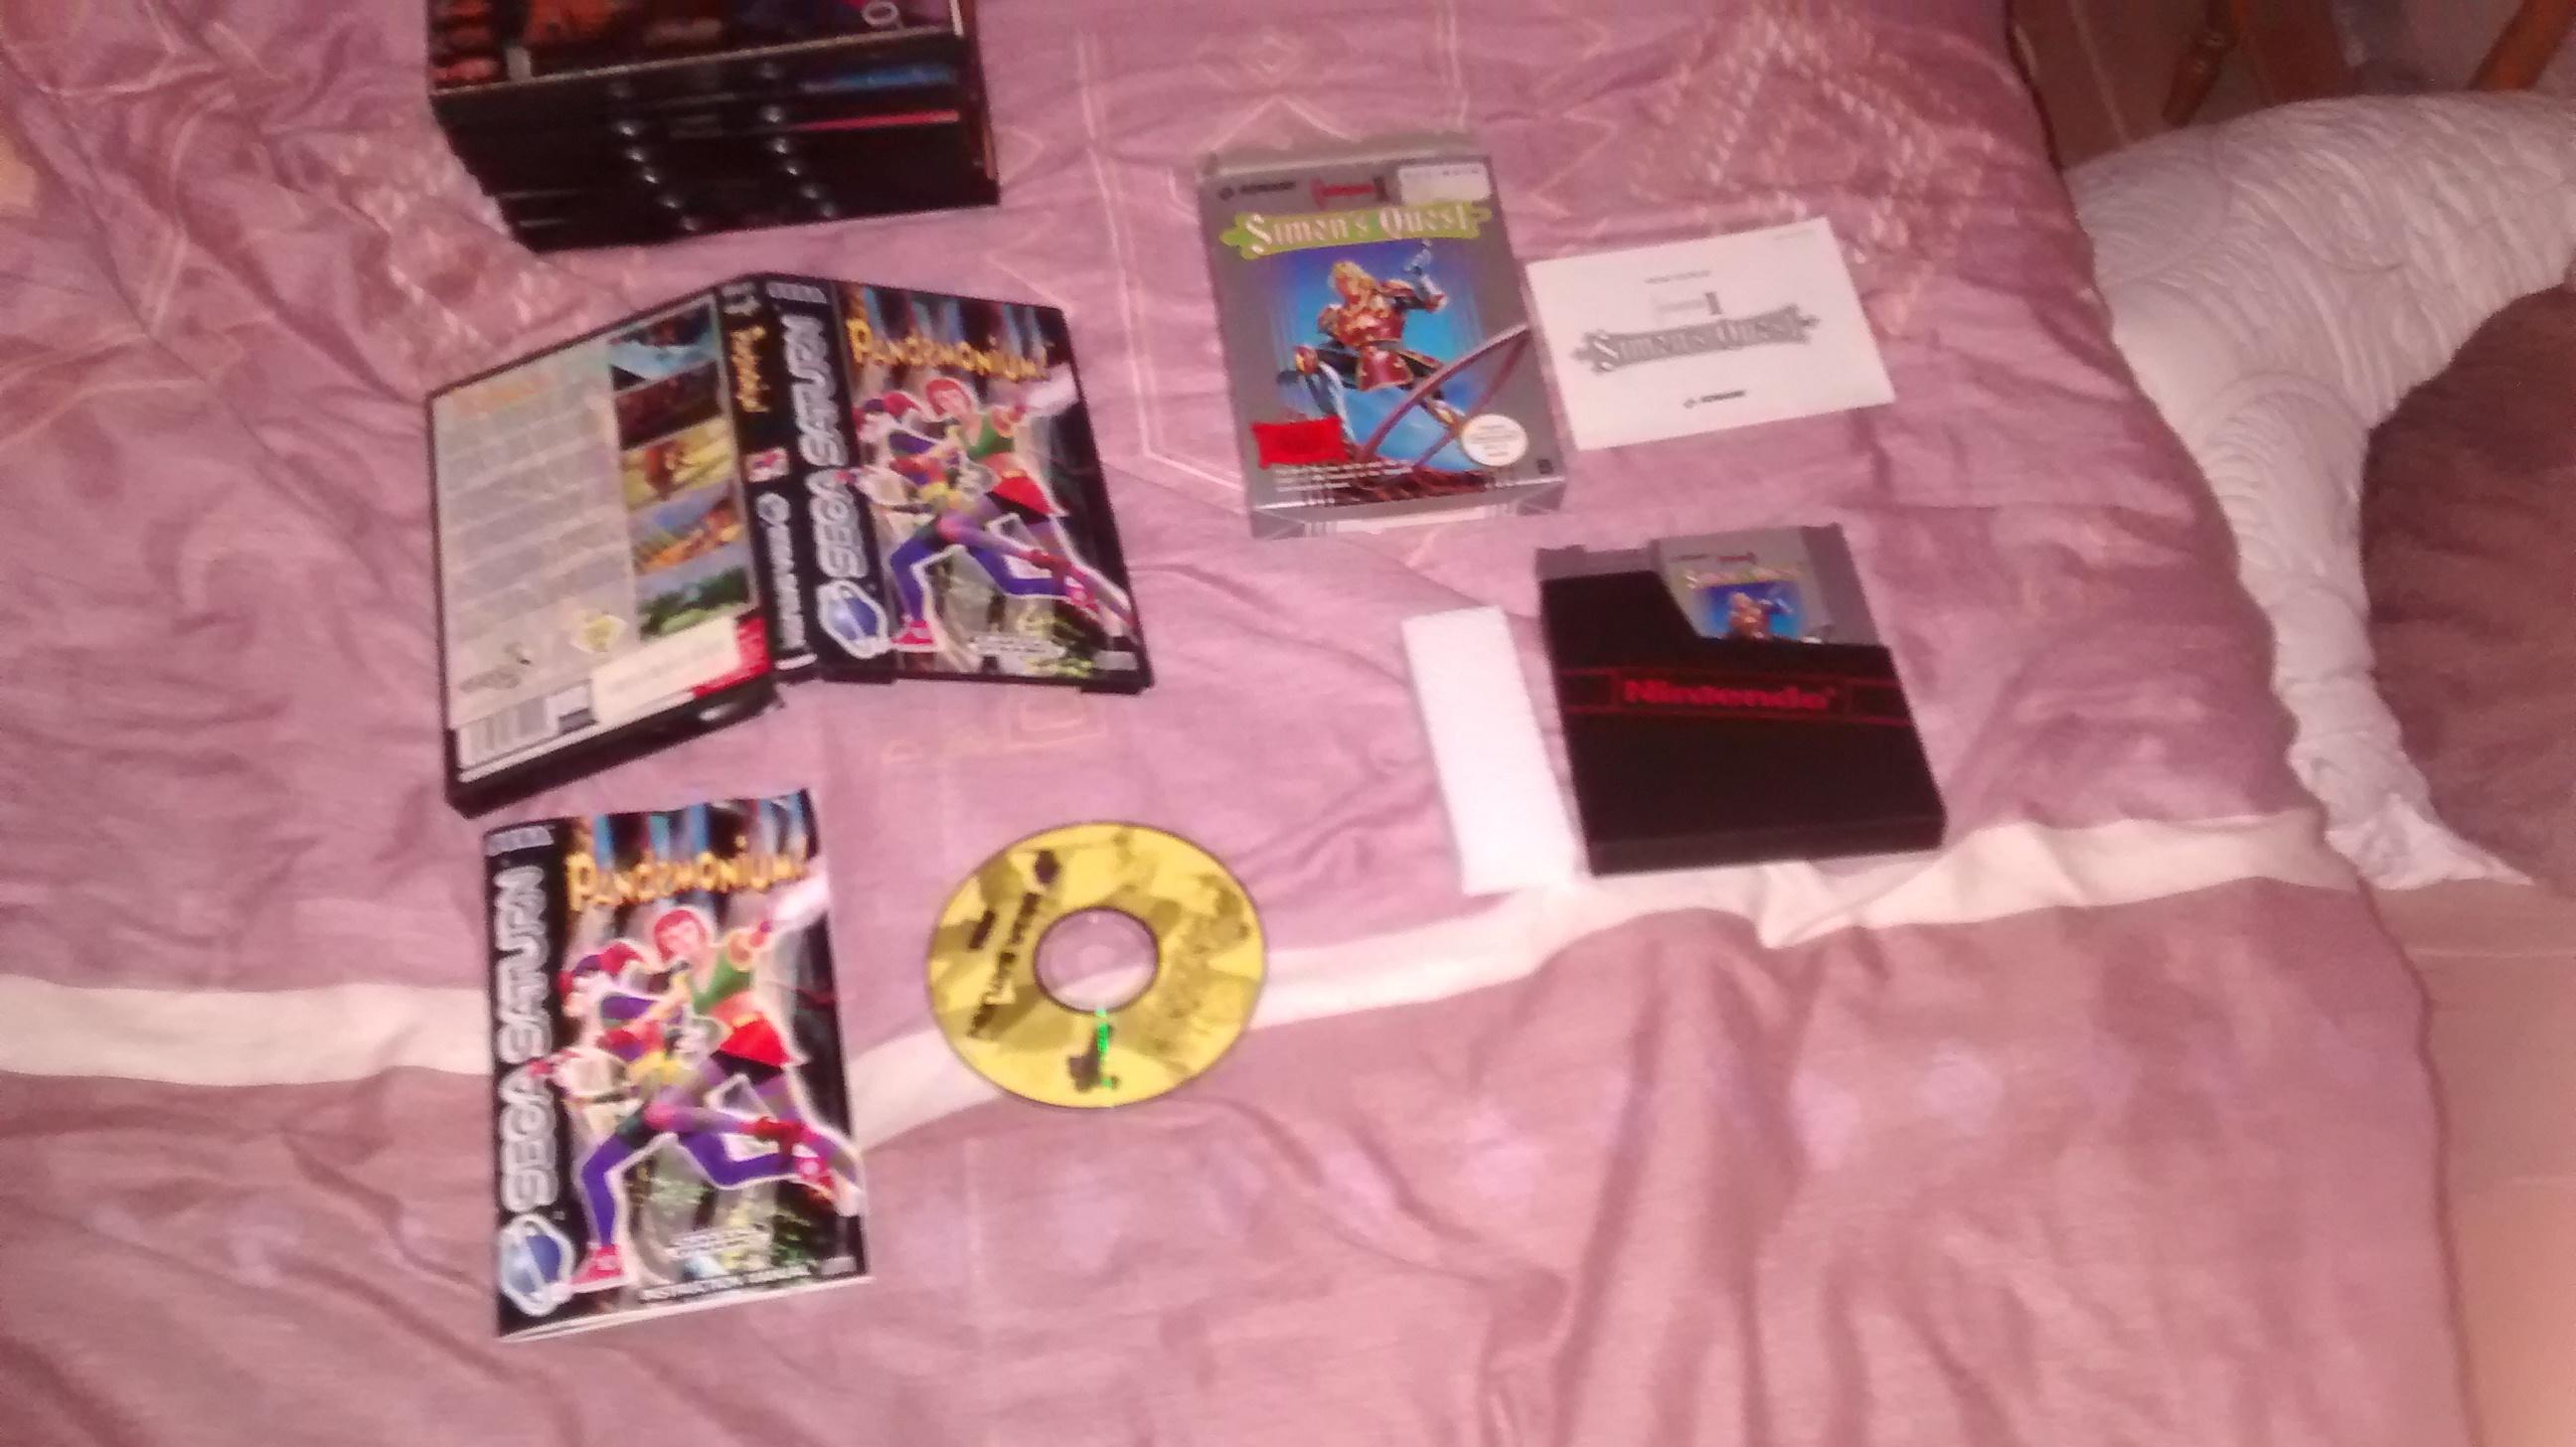 [Vds] Lot Dreamcast - MS/MD et Saturn Update 18/01 ajout Jeux Sat Jap - Page 3 983960IMG20160118011637212